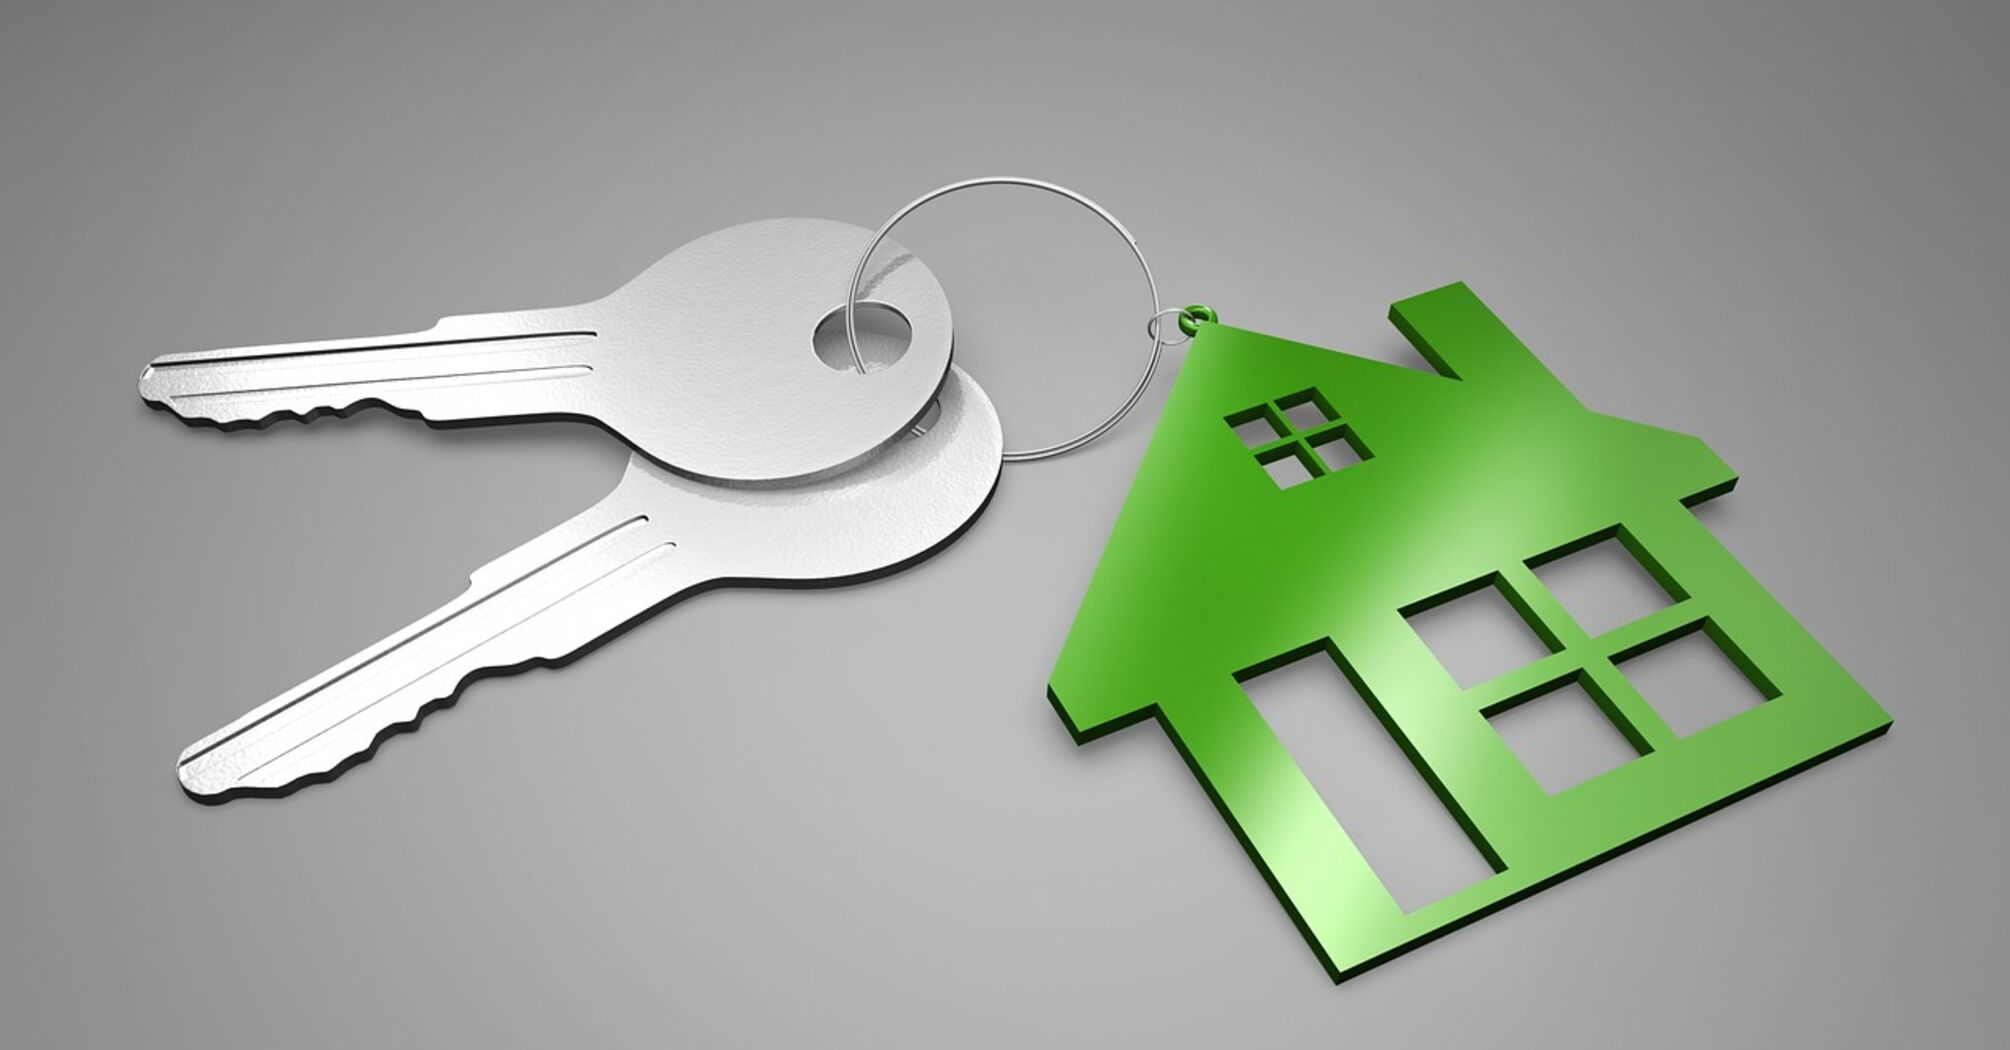 Ипотека для приобретения жилья по госпрограммам подешевела до 8% годовых